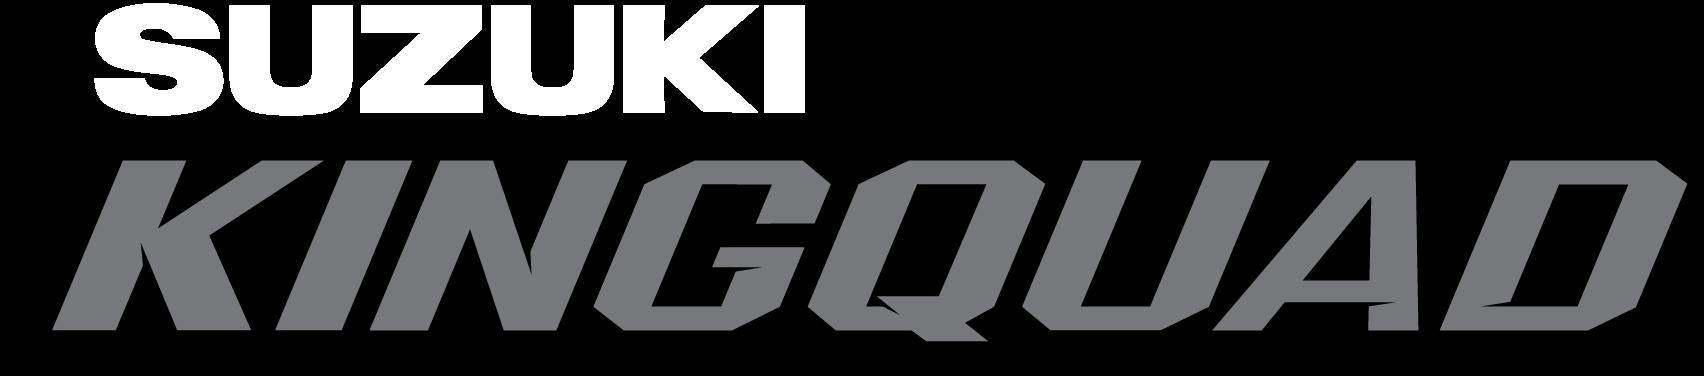 suzuki_kingquad_logo.png